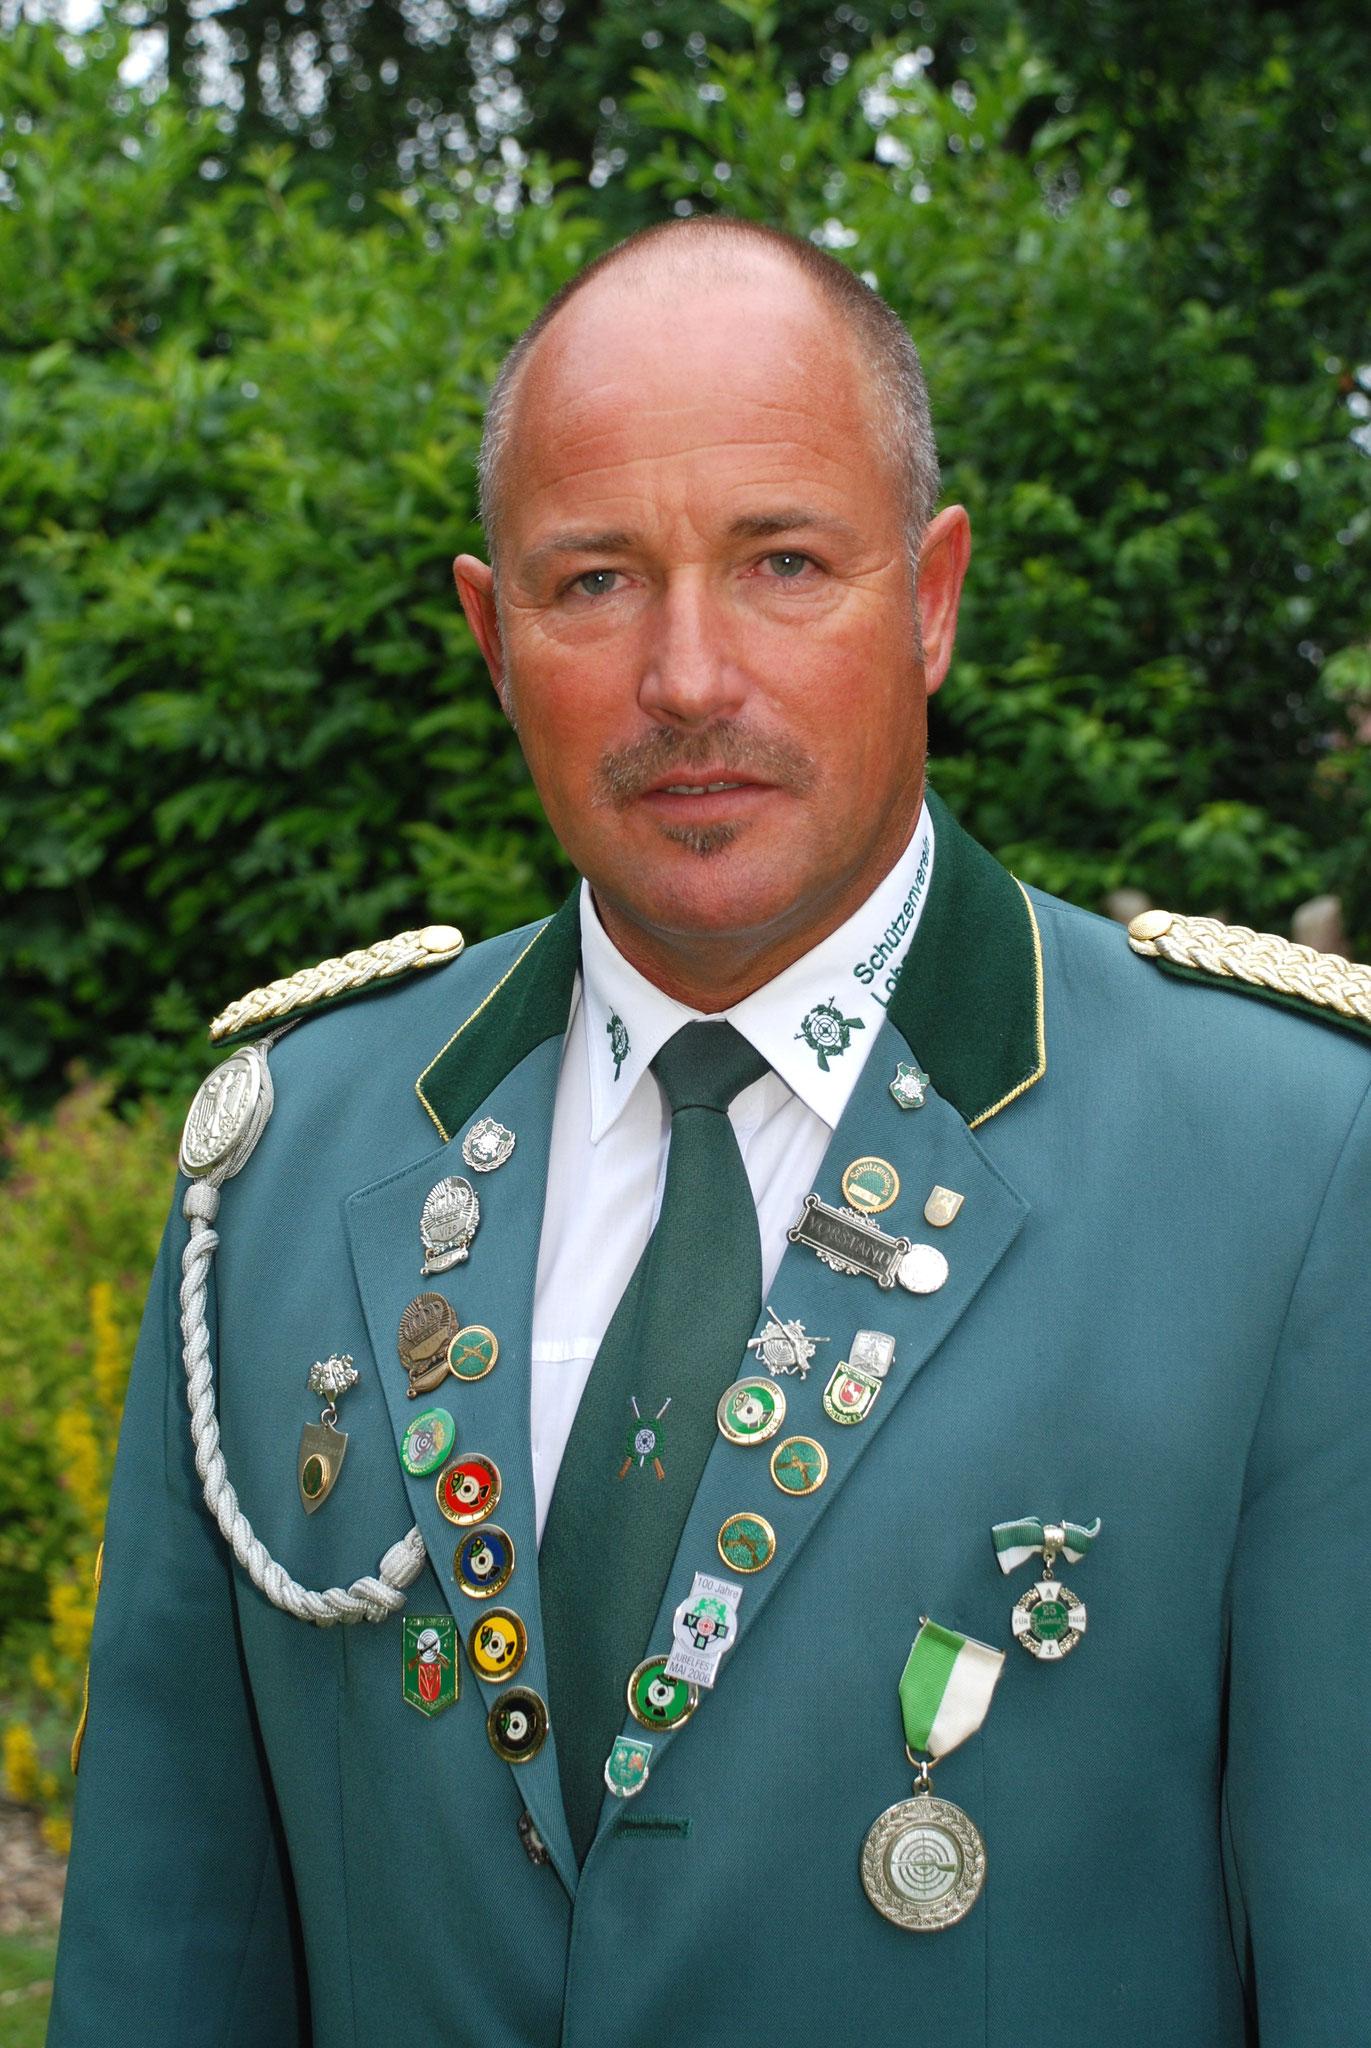 Hermann Egbers